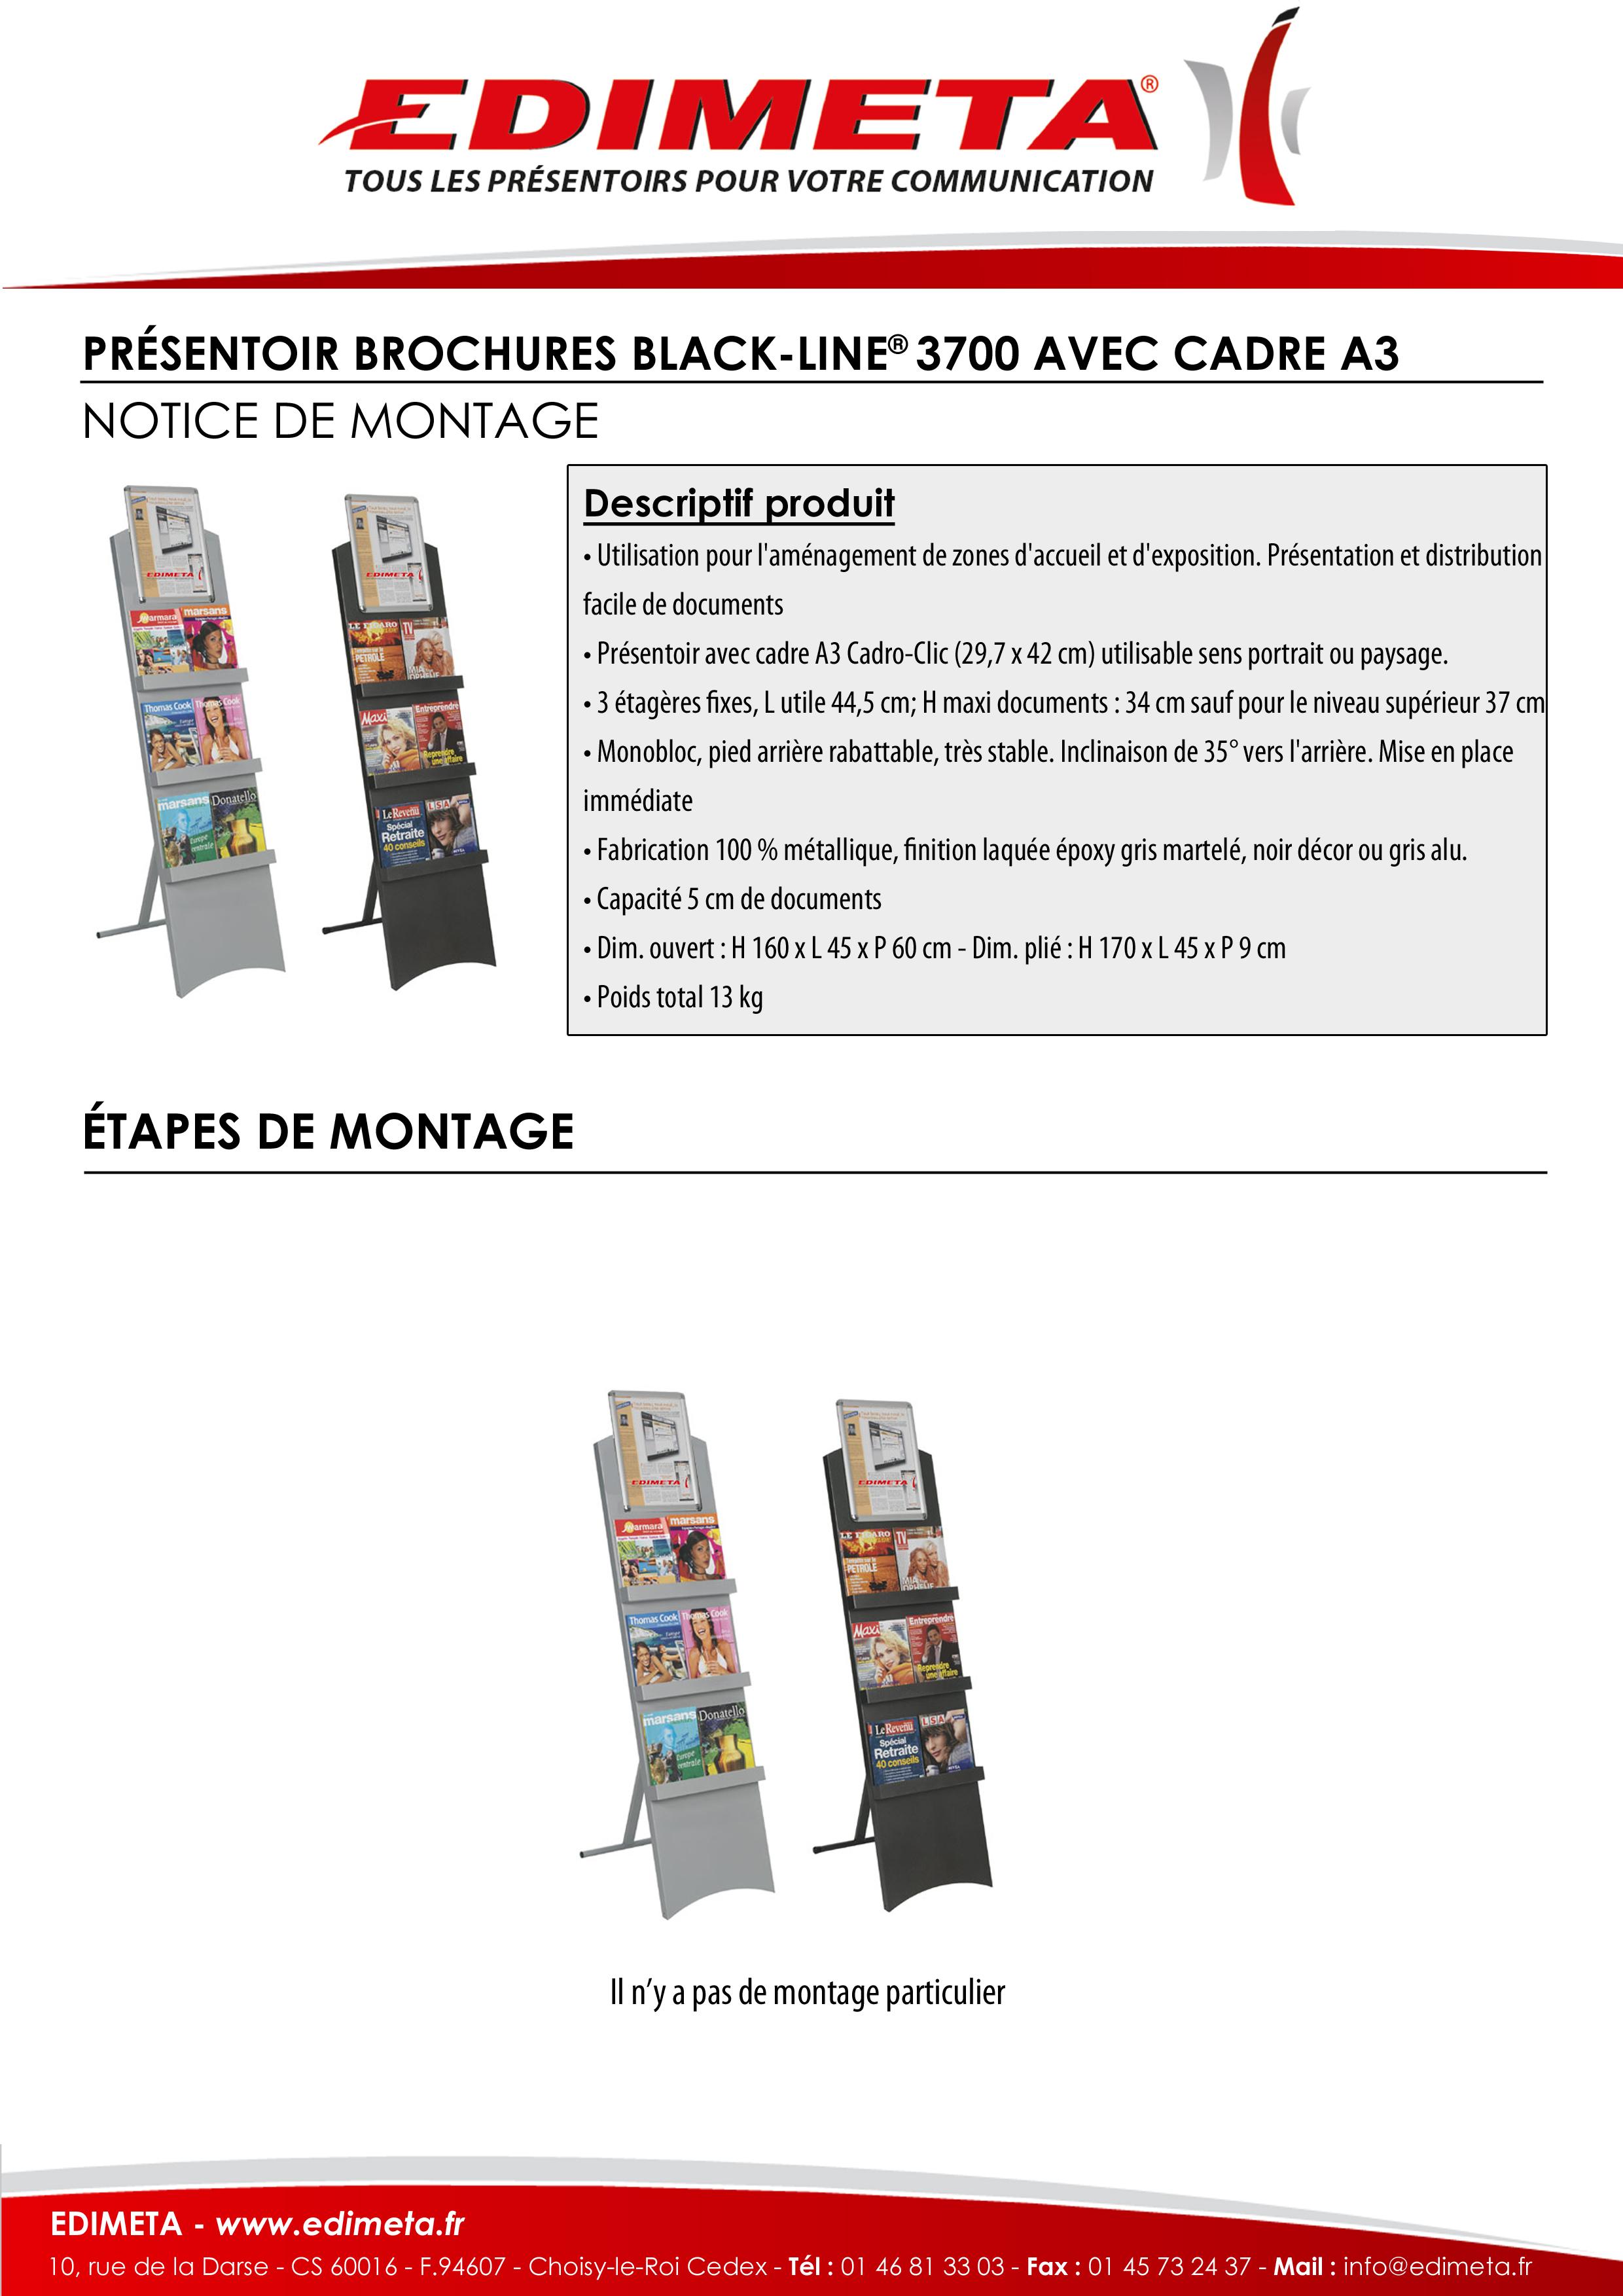 NOTICE DE MONTAGE : PRÉSENTOIR BROCHURES BLACK-LINE® 3700 AVEC CADRE A3